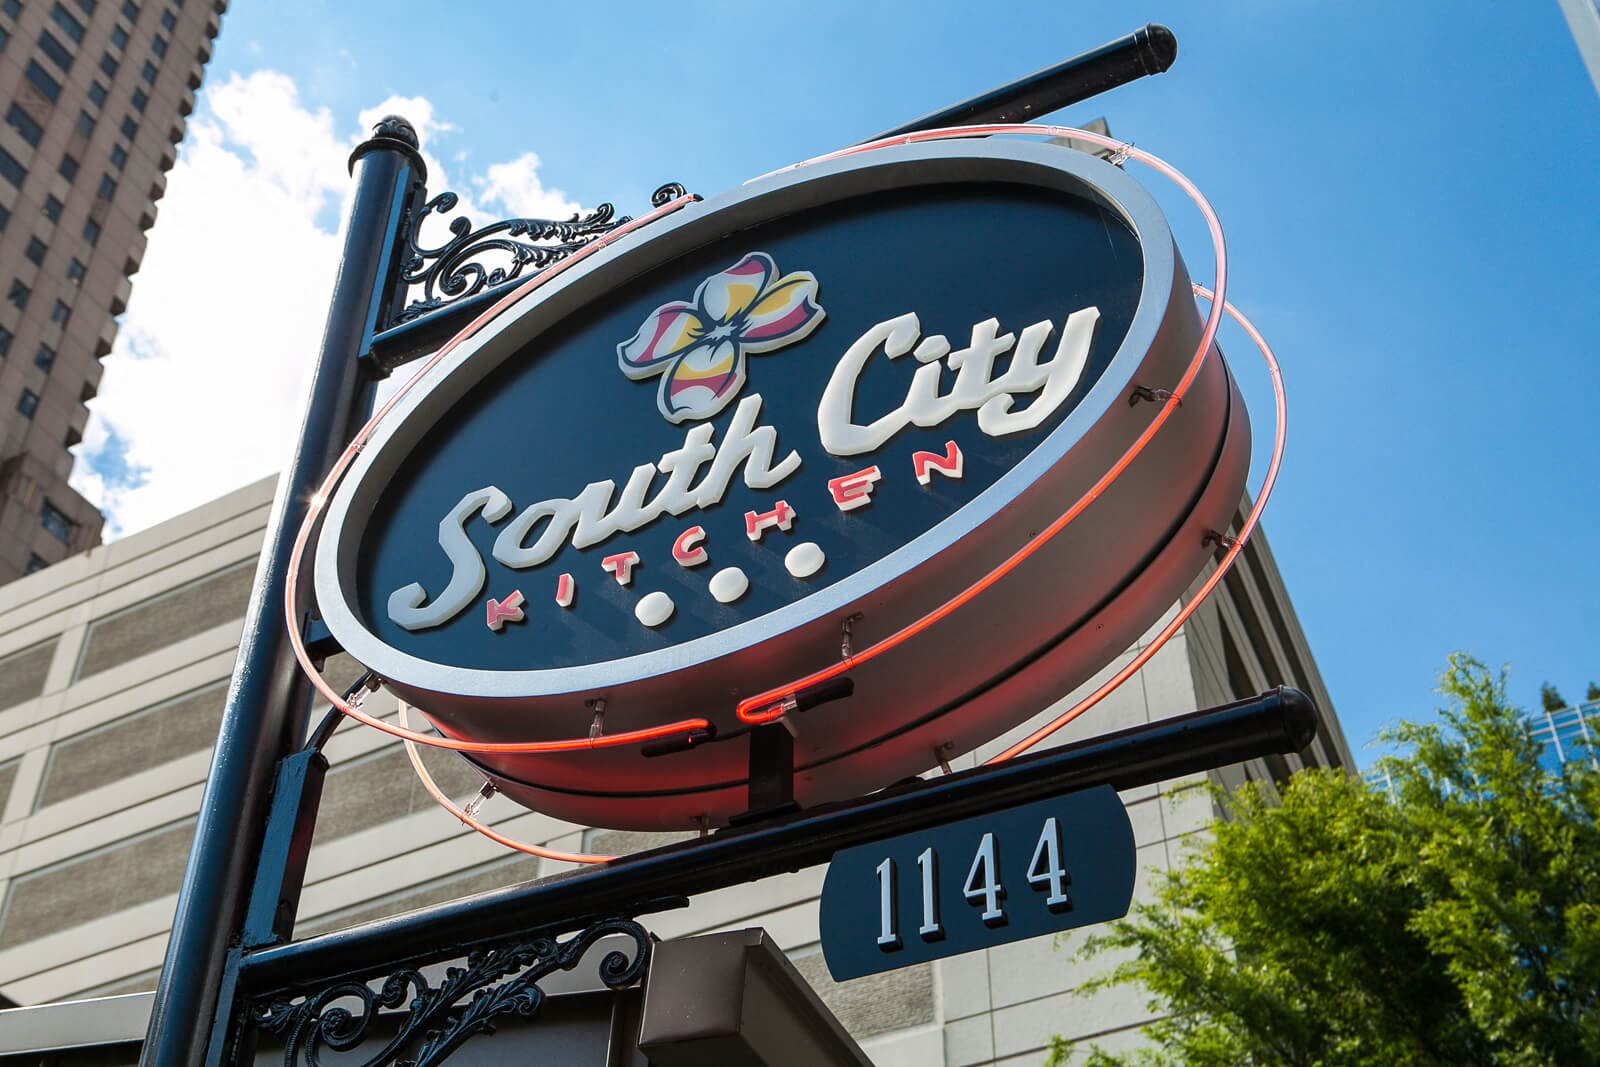 South City Kitchen near Windsor at Midtown, Atlanta, GA